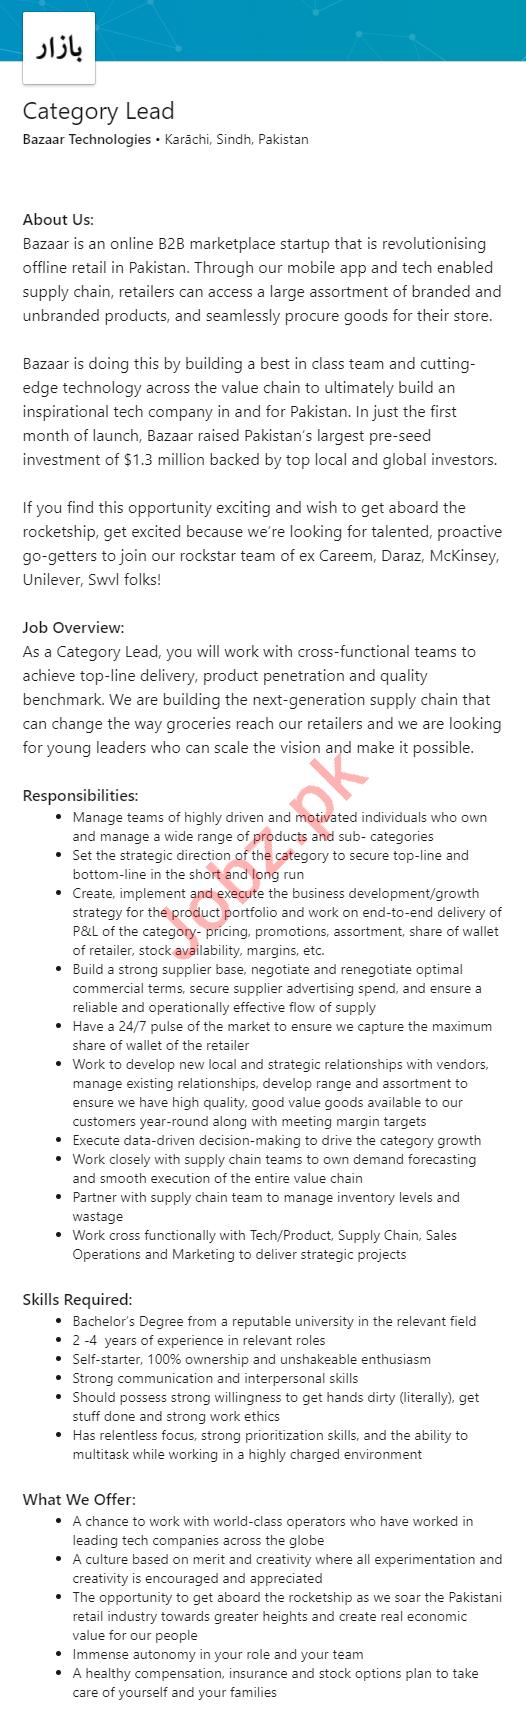 Bazaar Technologies Karachi Jobs 2020 for Category Lead